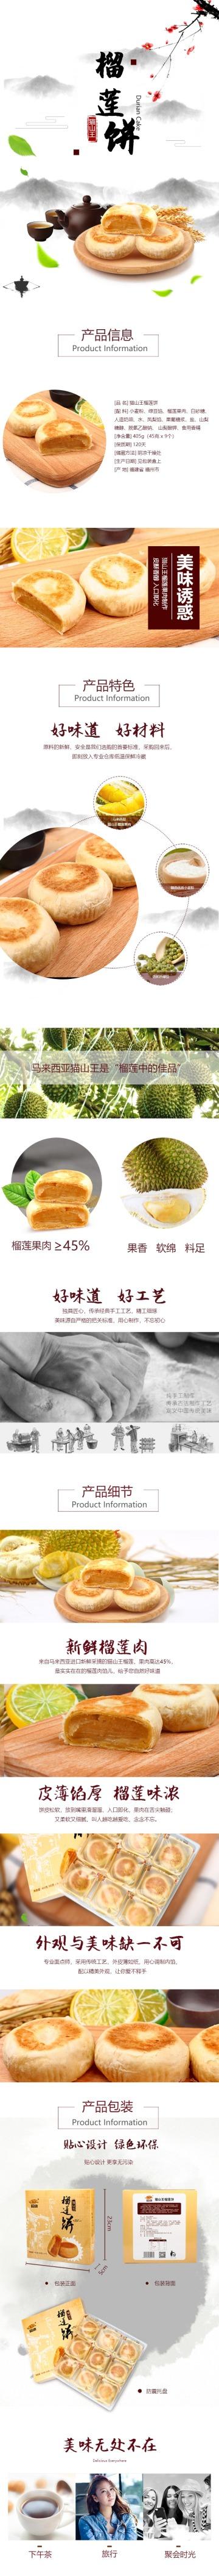 黄色清新简约面包甜点宣传营销电商宝贝详情